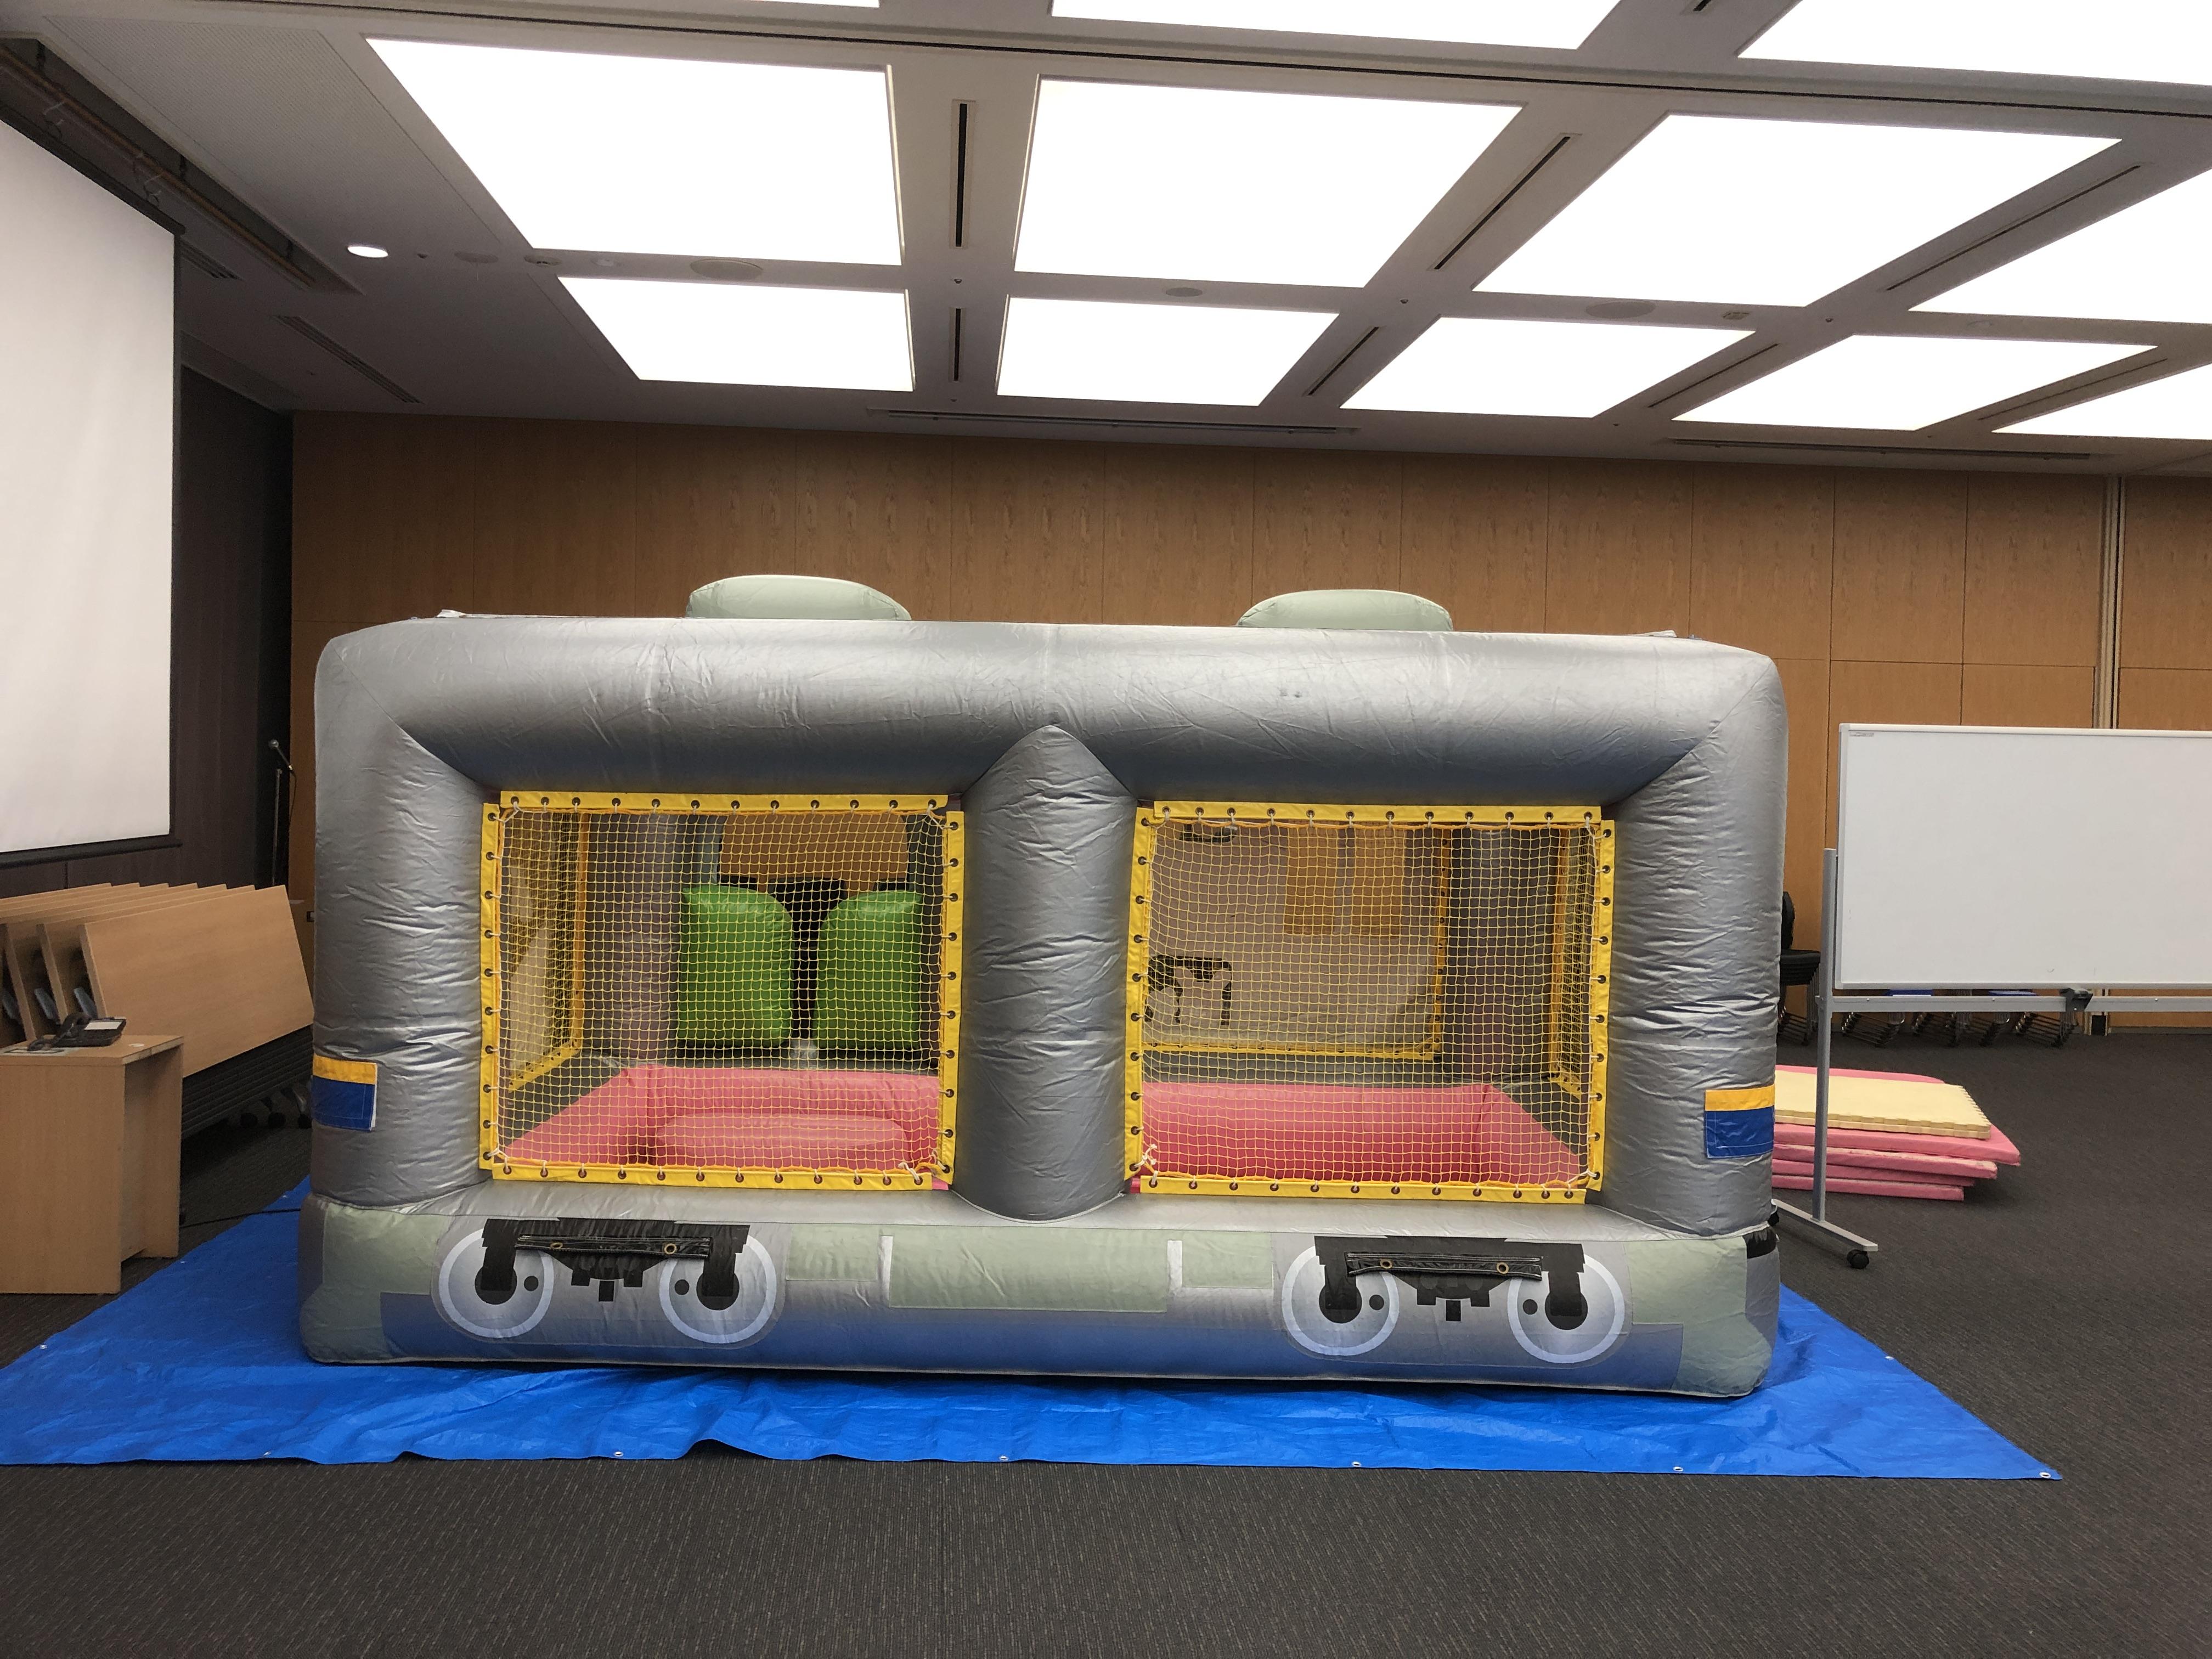 列車カラーボールハウスの設営なら神奈川イベント会社へ!